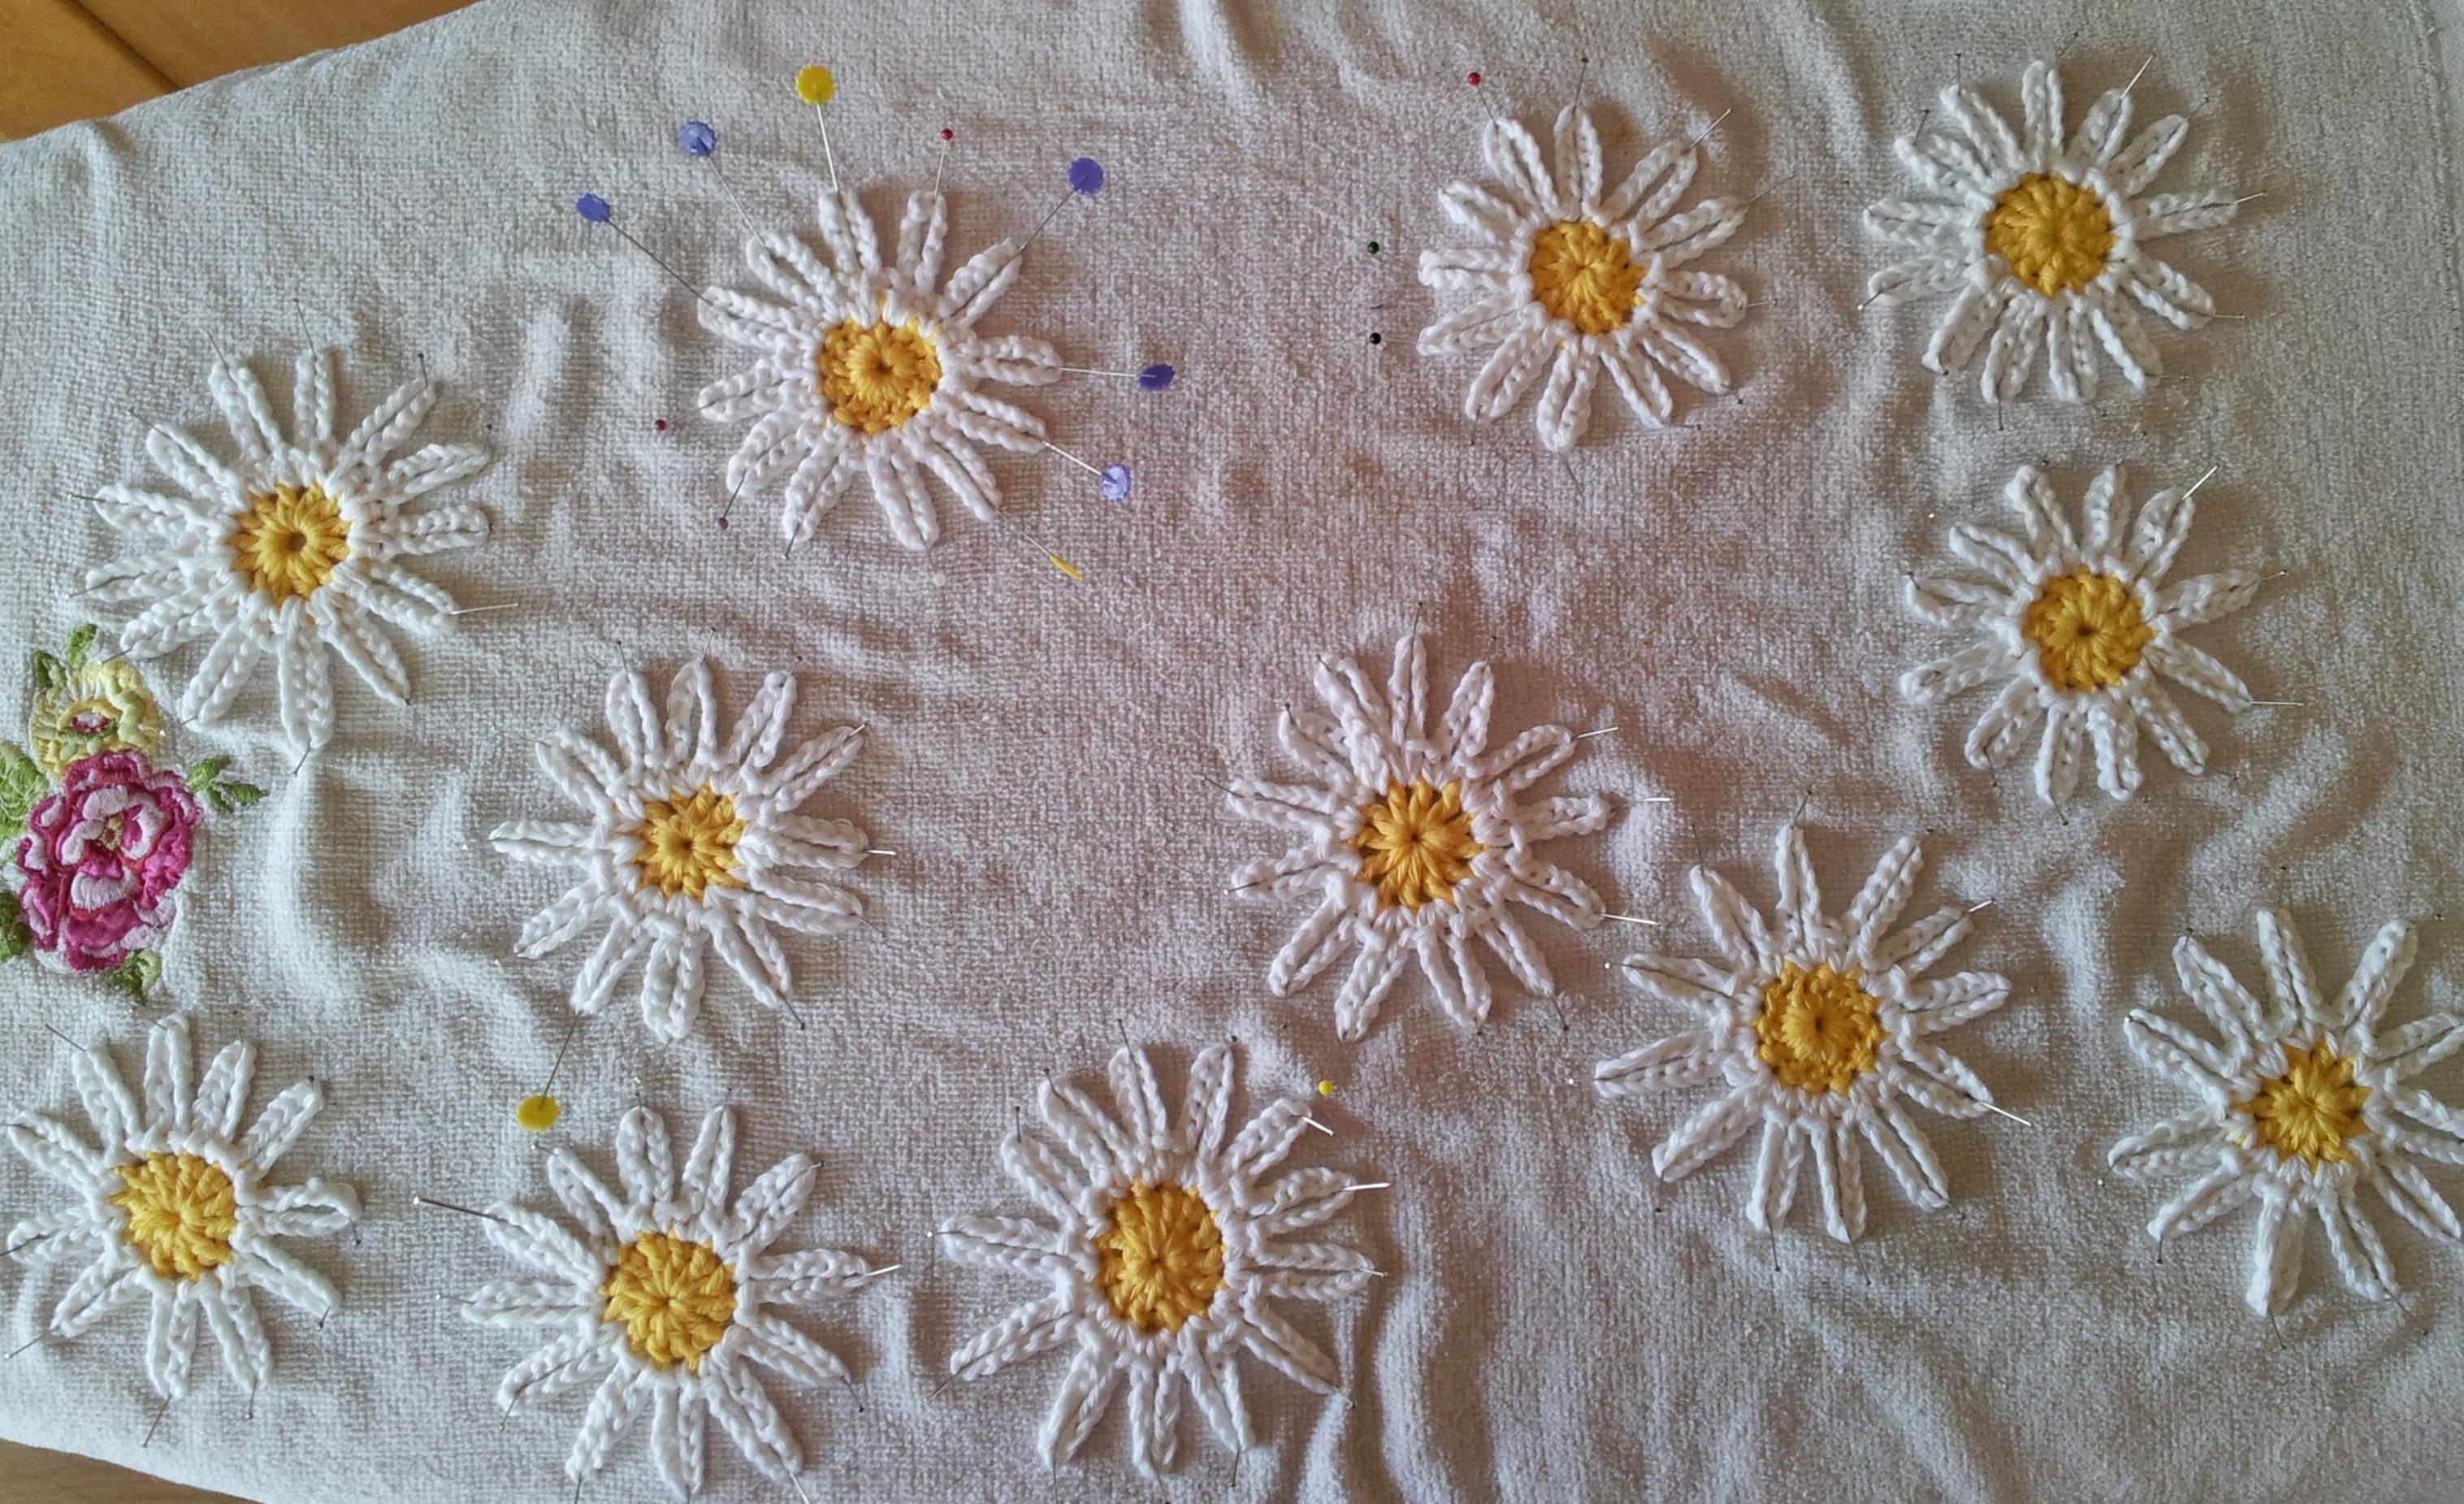 Daisy crochet bunting free pattern thestitchsharer blocking daisies blocked daisies izmirmasajfo